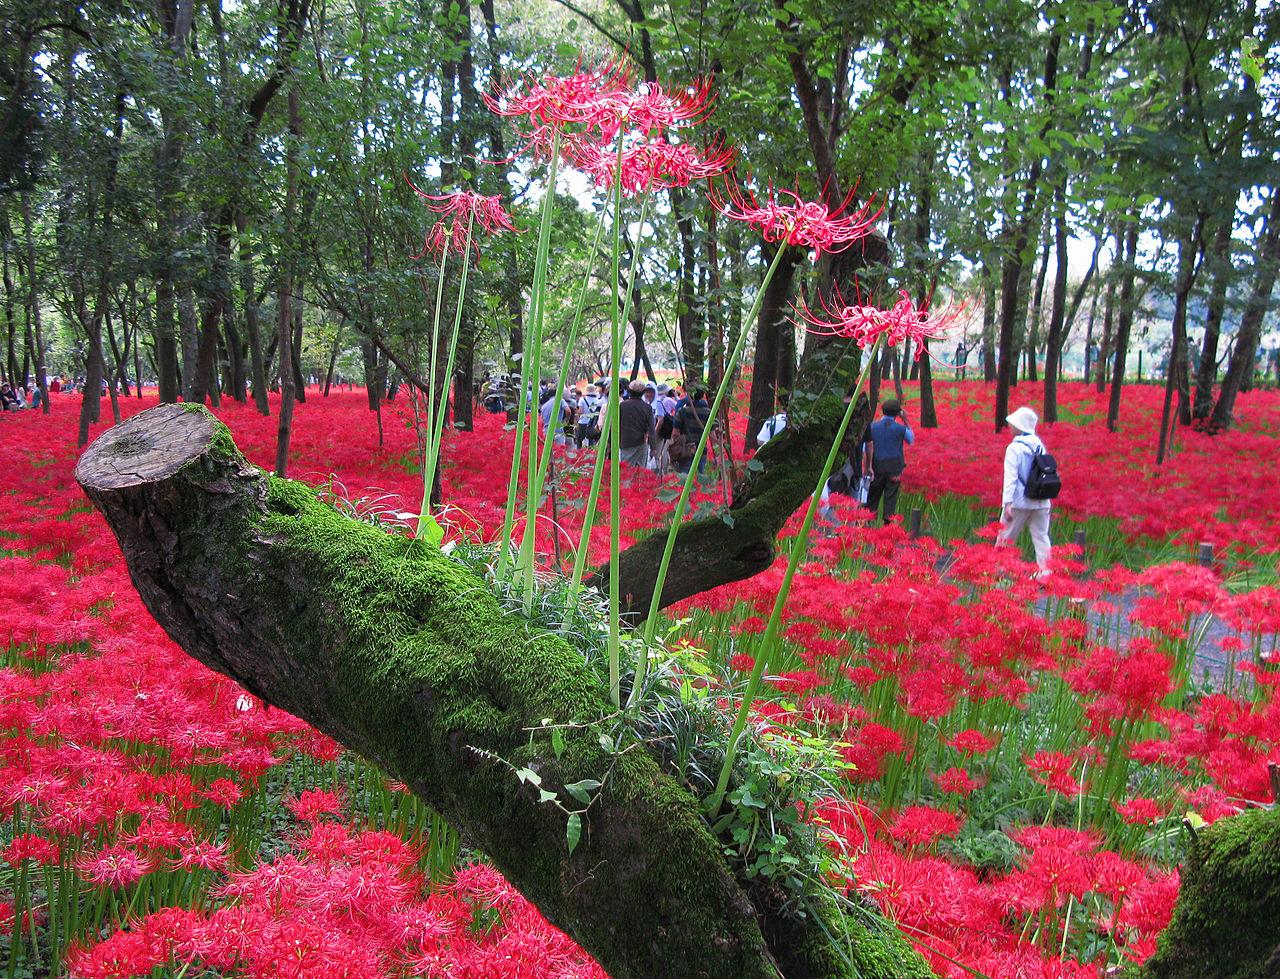 Hoa Bỉ ngạn Nhật Bản mọc ở khắp những triền đồi